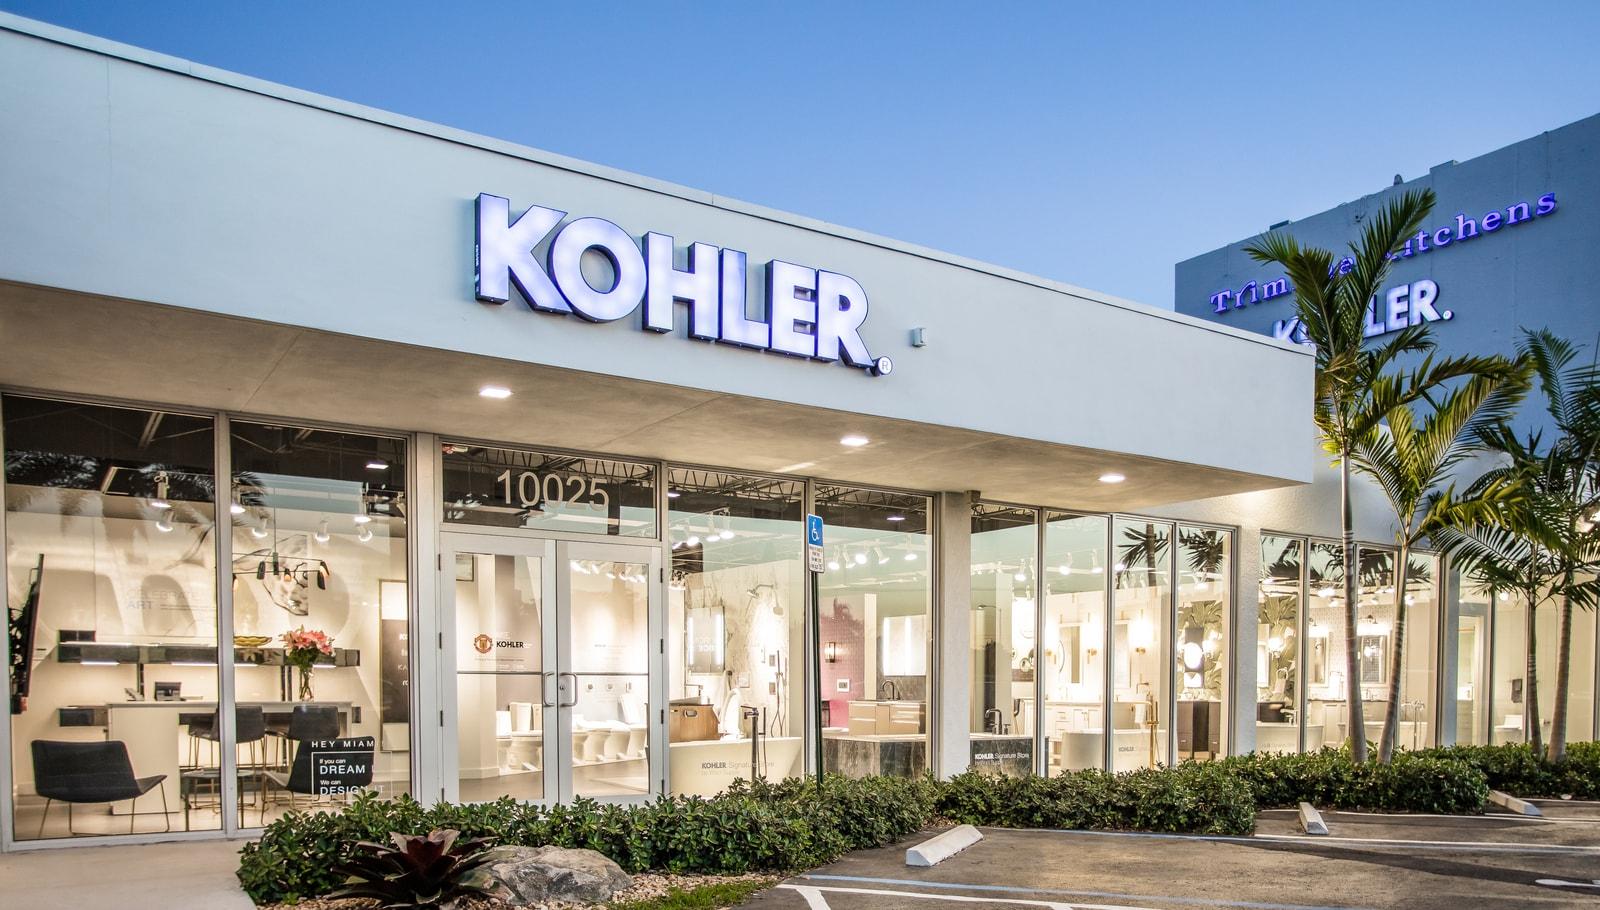 KOHLER Signature Store South Miami